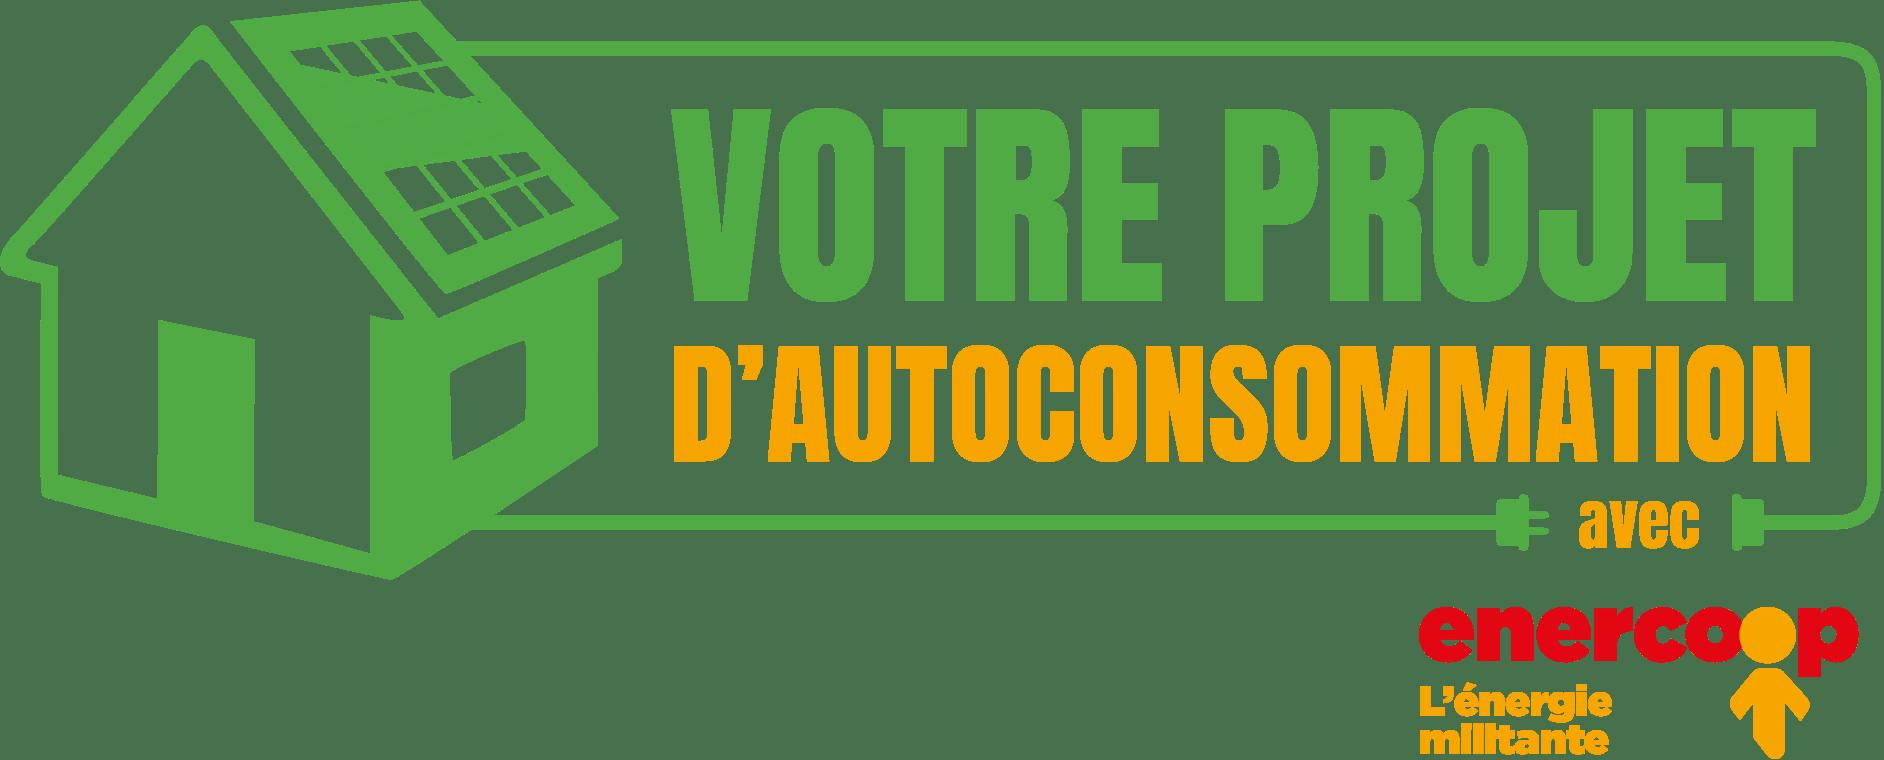 Enercoop Paca - Votre projet d'autoconsommation - Icône